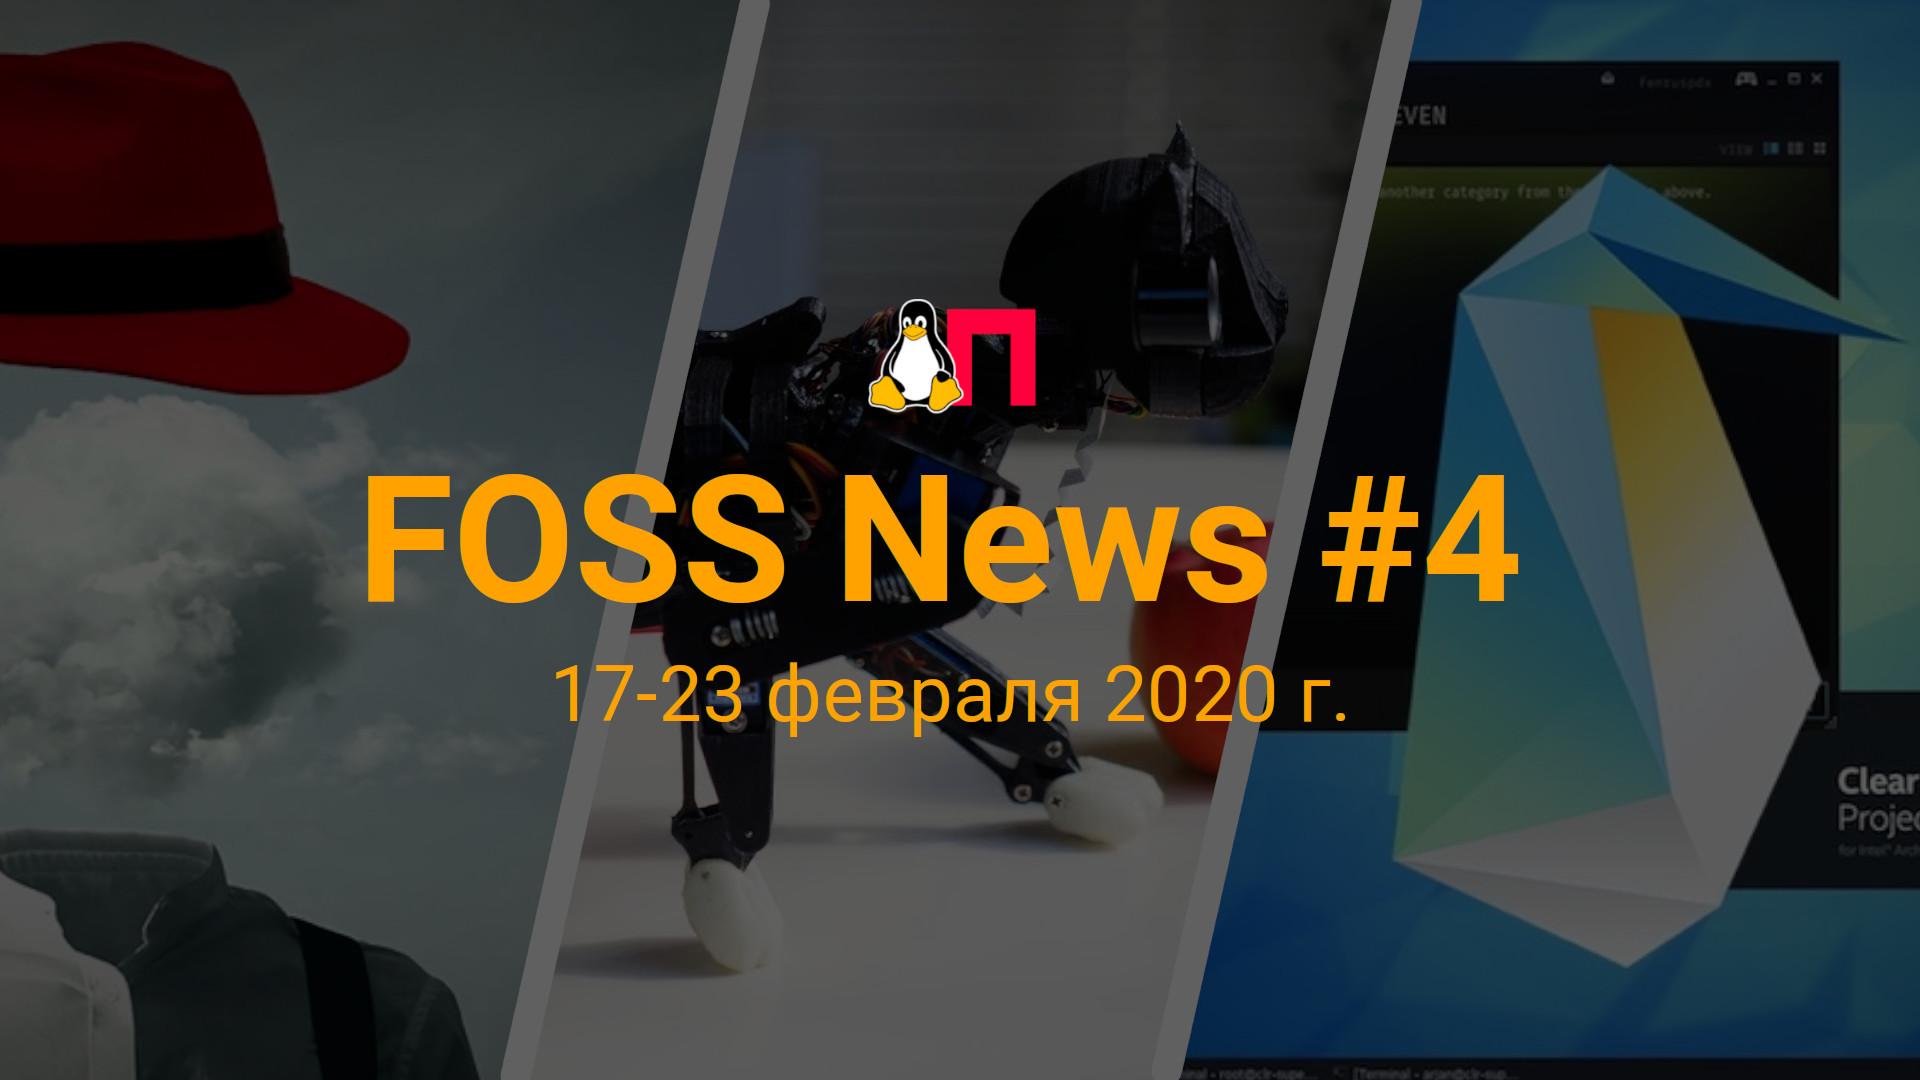 FOSS News №4 — обзор новостей свободного и открытого ПО за 17-23 февраля 2020 года